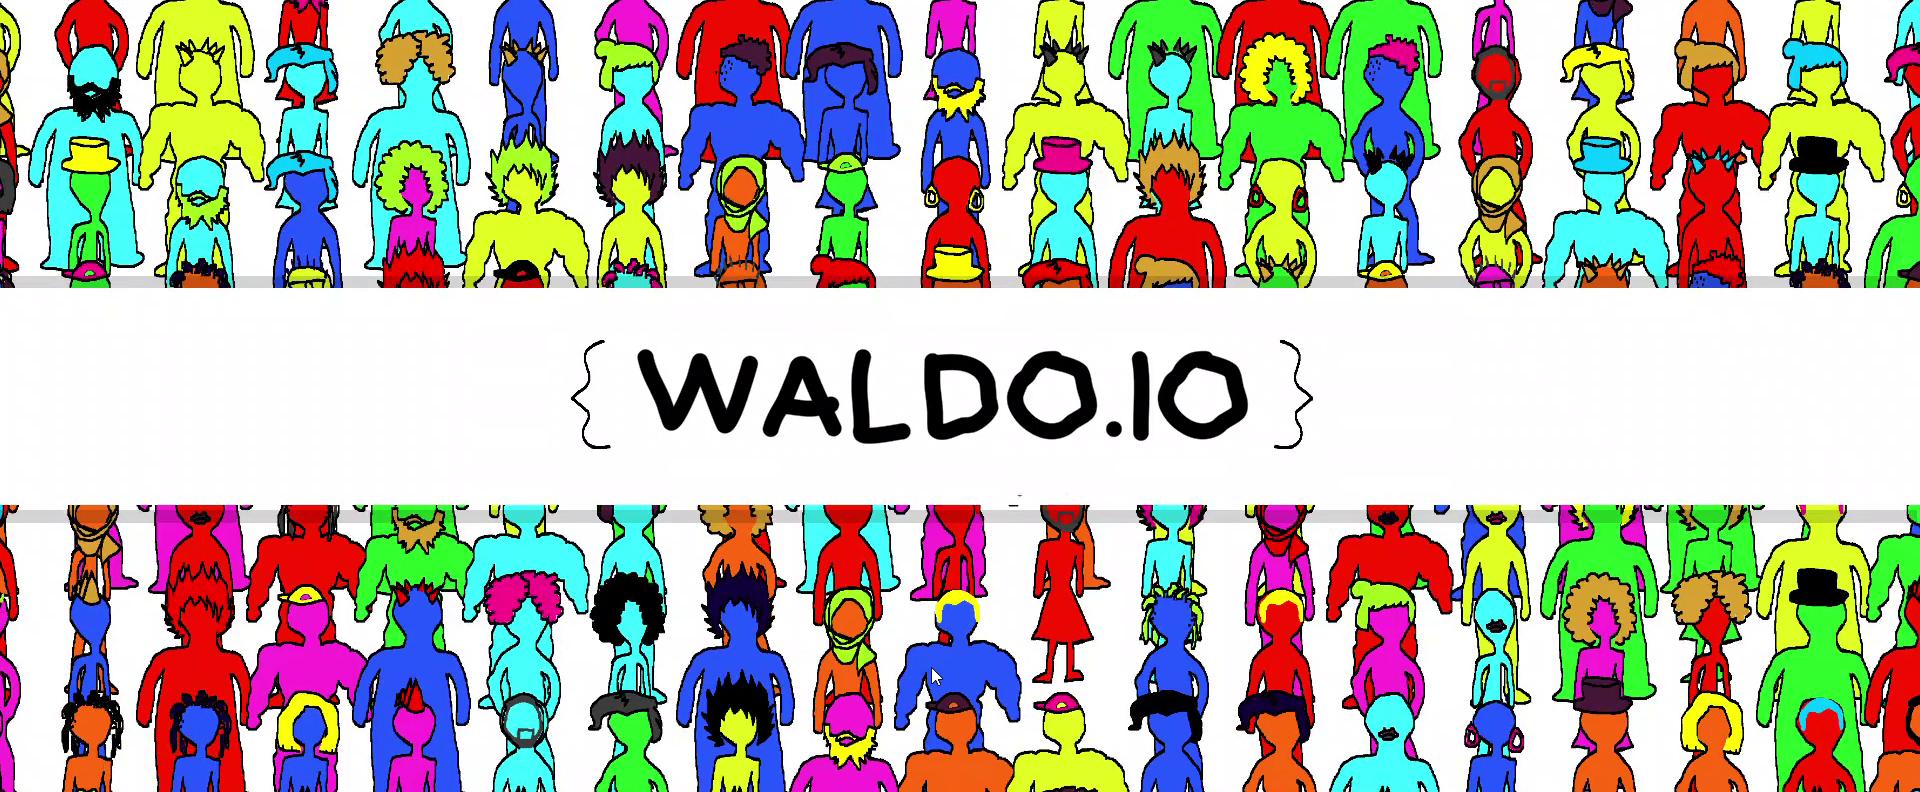 Waldo.io